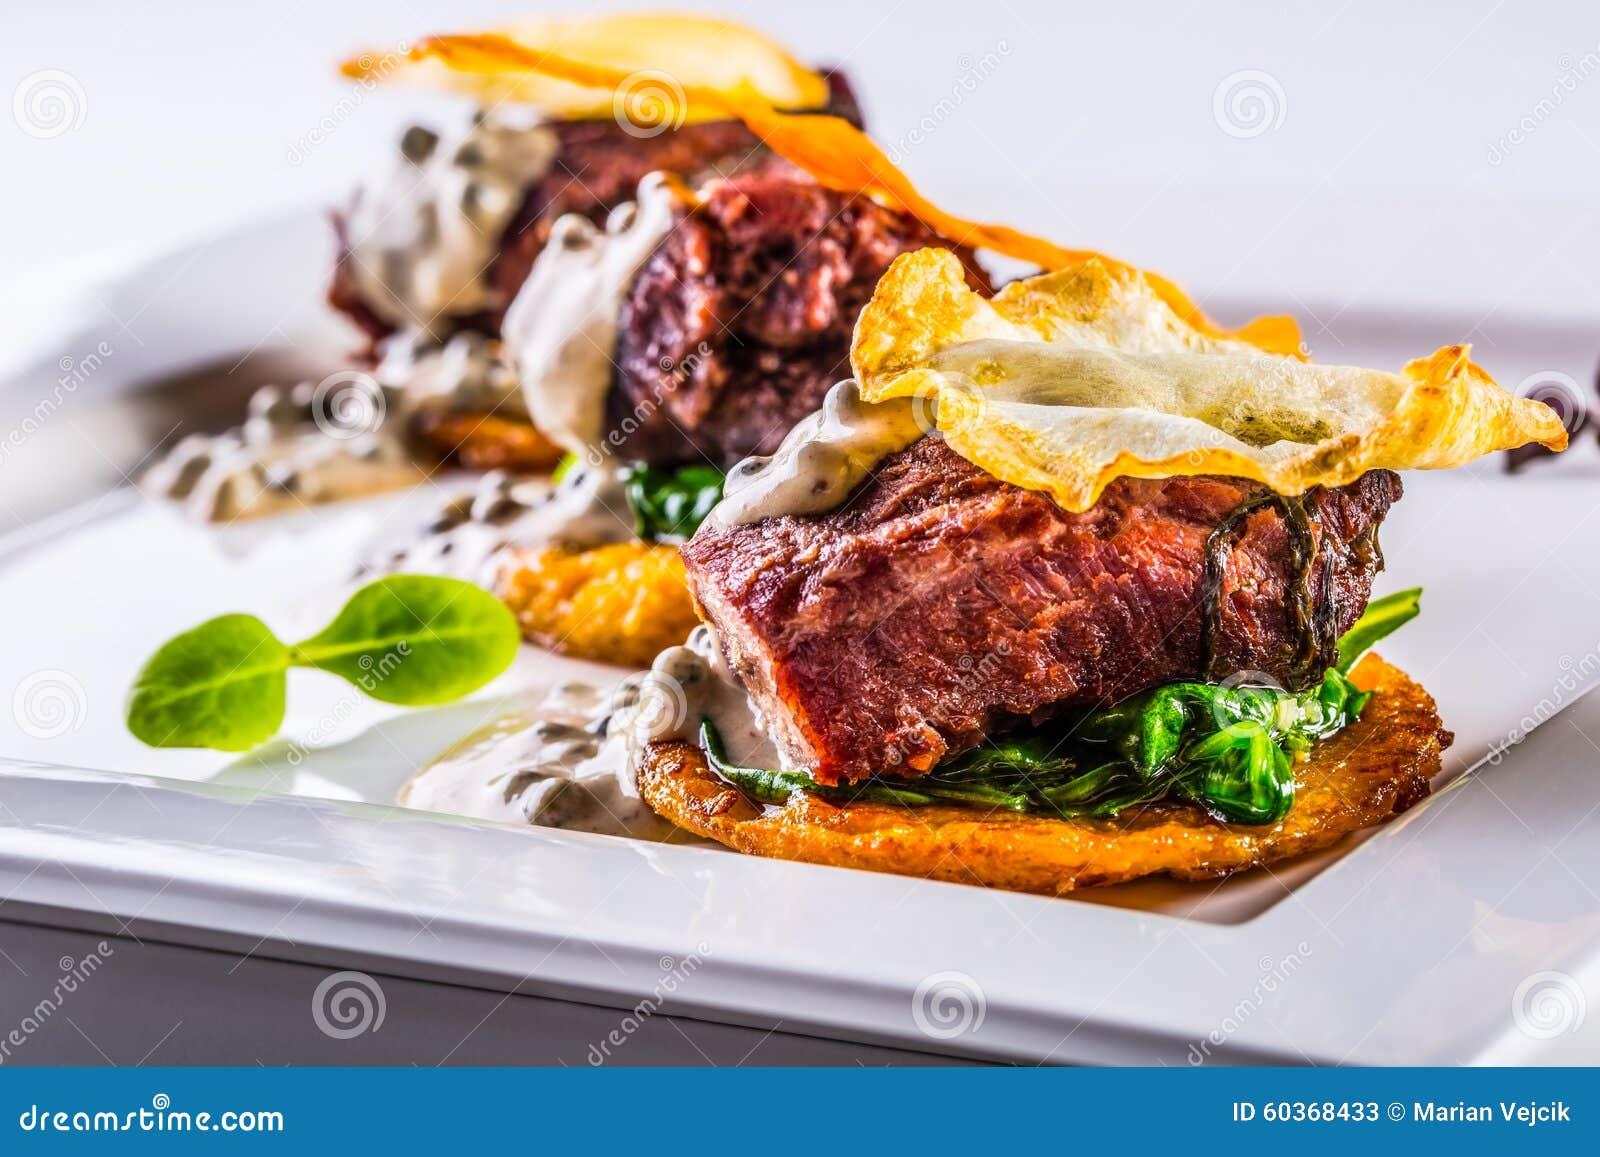 Cozinha culinária Receita: Os mordentes da carne de porco do Confit com espinafres verdes saem do molho de cogumelo do aipo e do